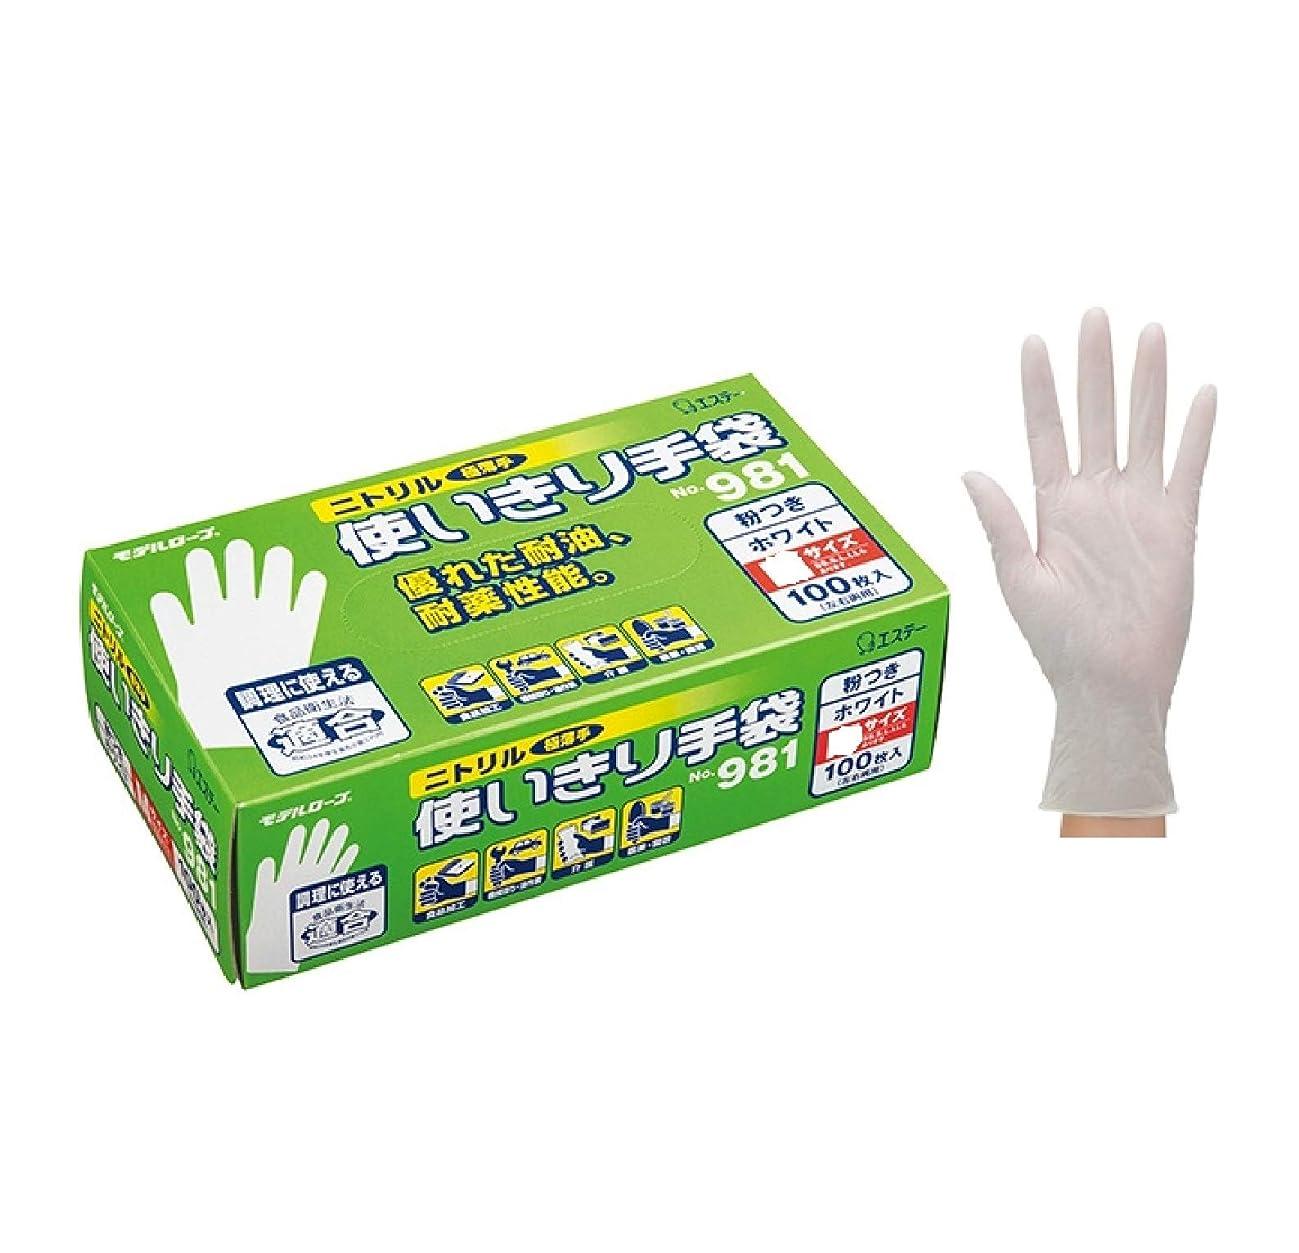 割るページェント受け継ぐインテリア 日用雑貨 掃除用品 ニトリル手袋 粉付 No981 S 12箱